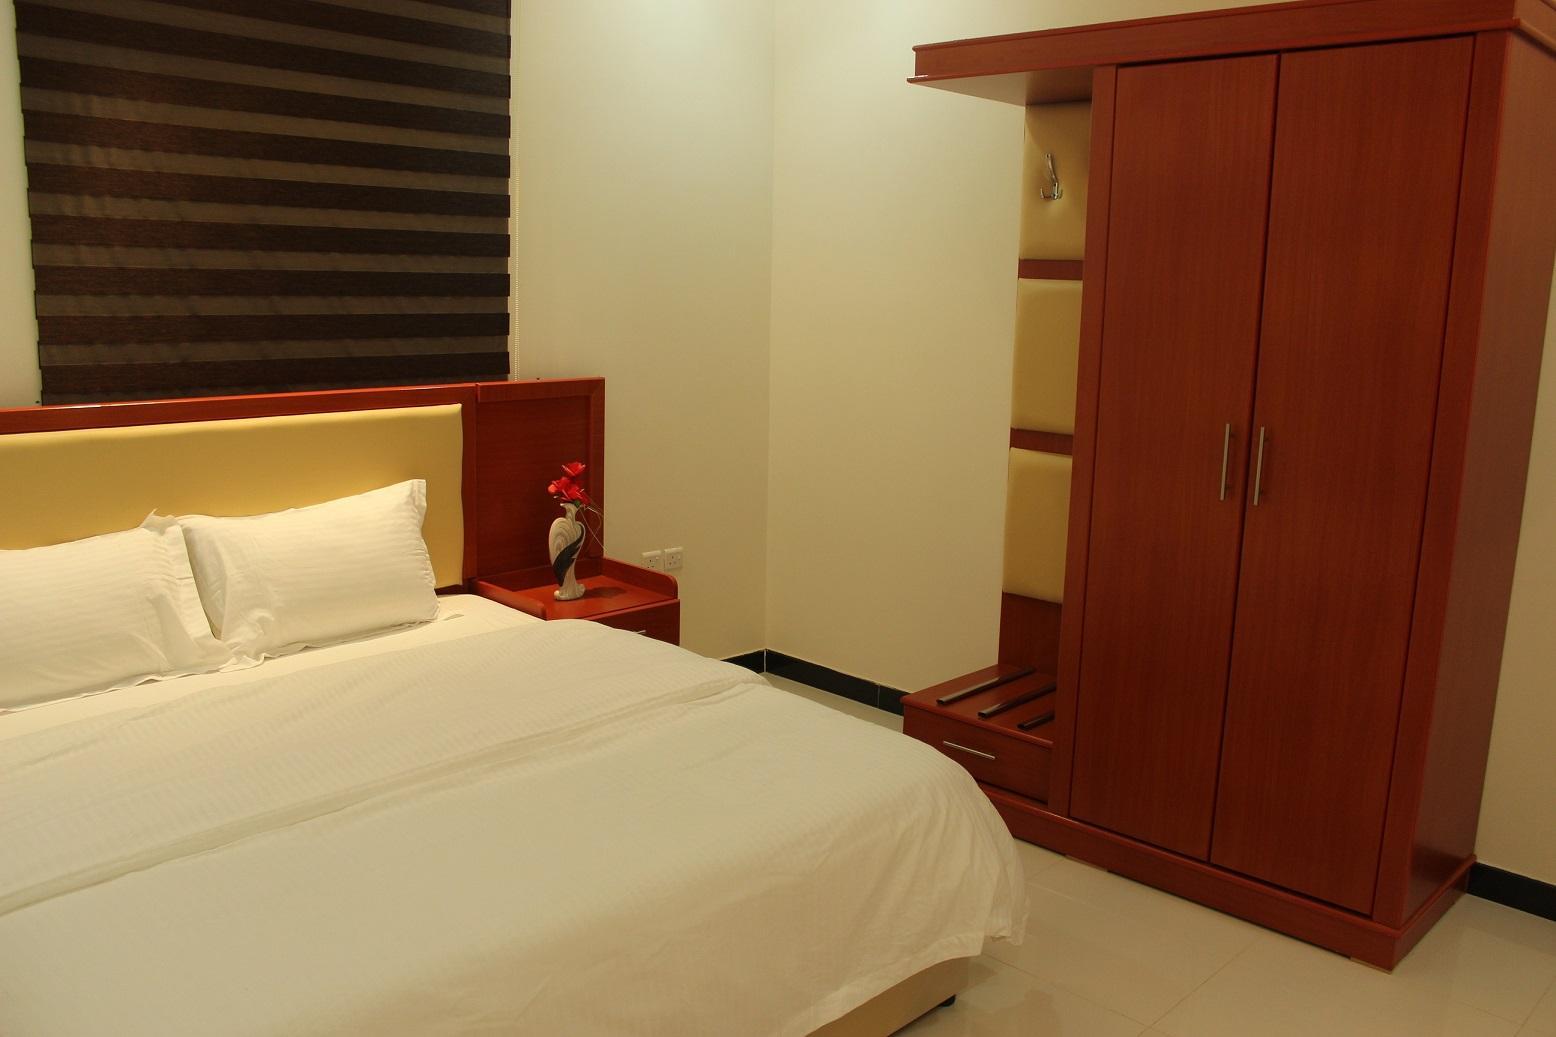 شقق أجمل مساء وحدات سكنية مفروشة الرياض 0114443919 775167784.jpg